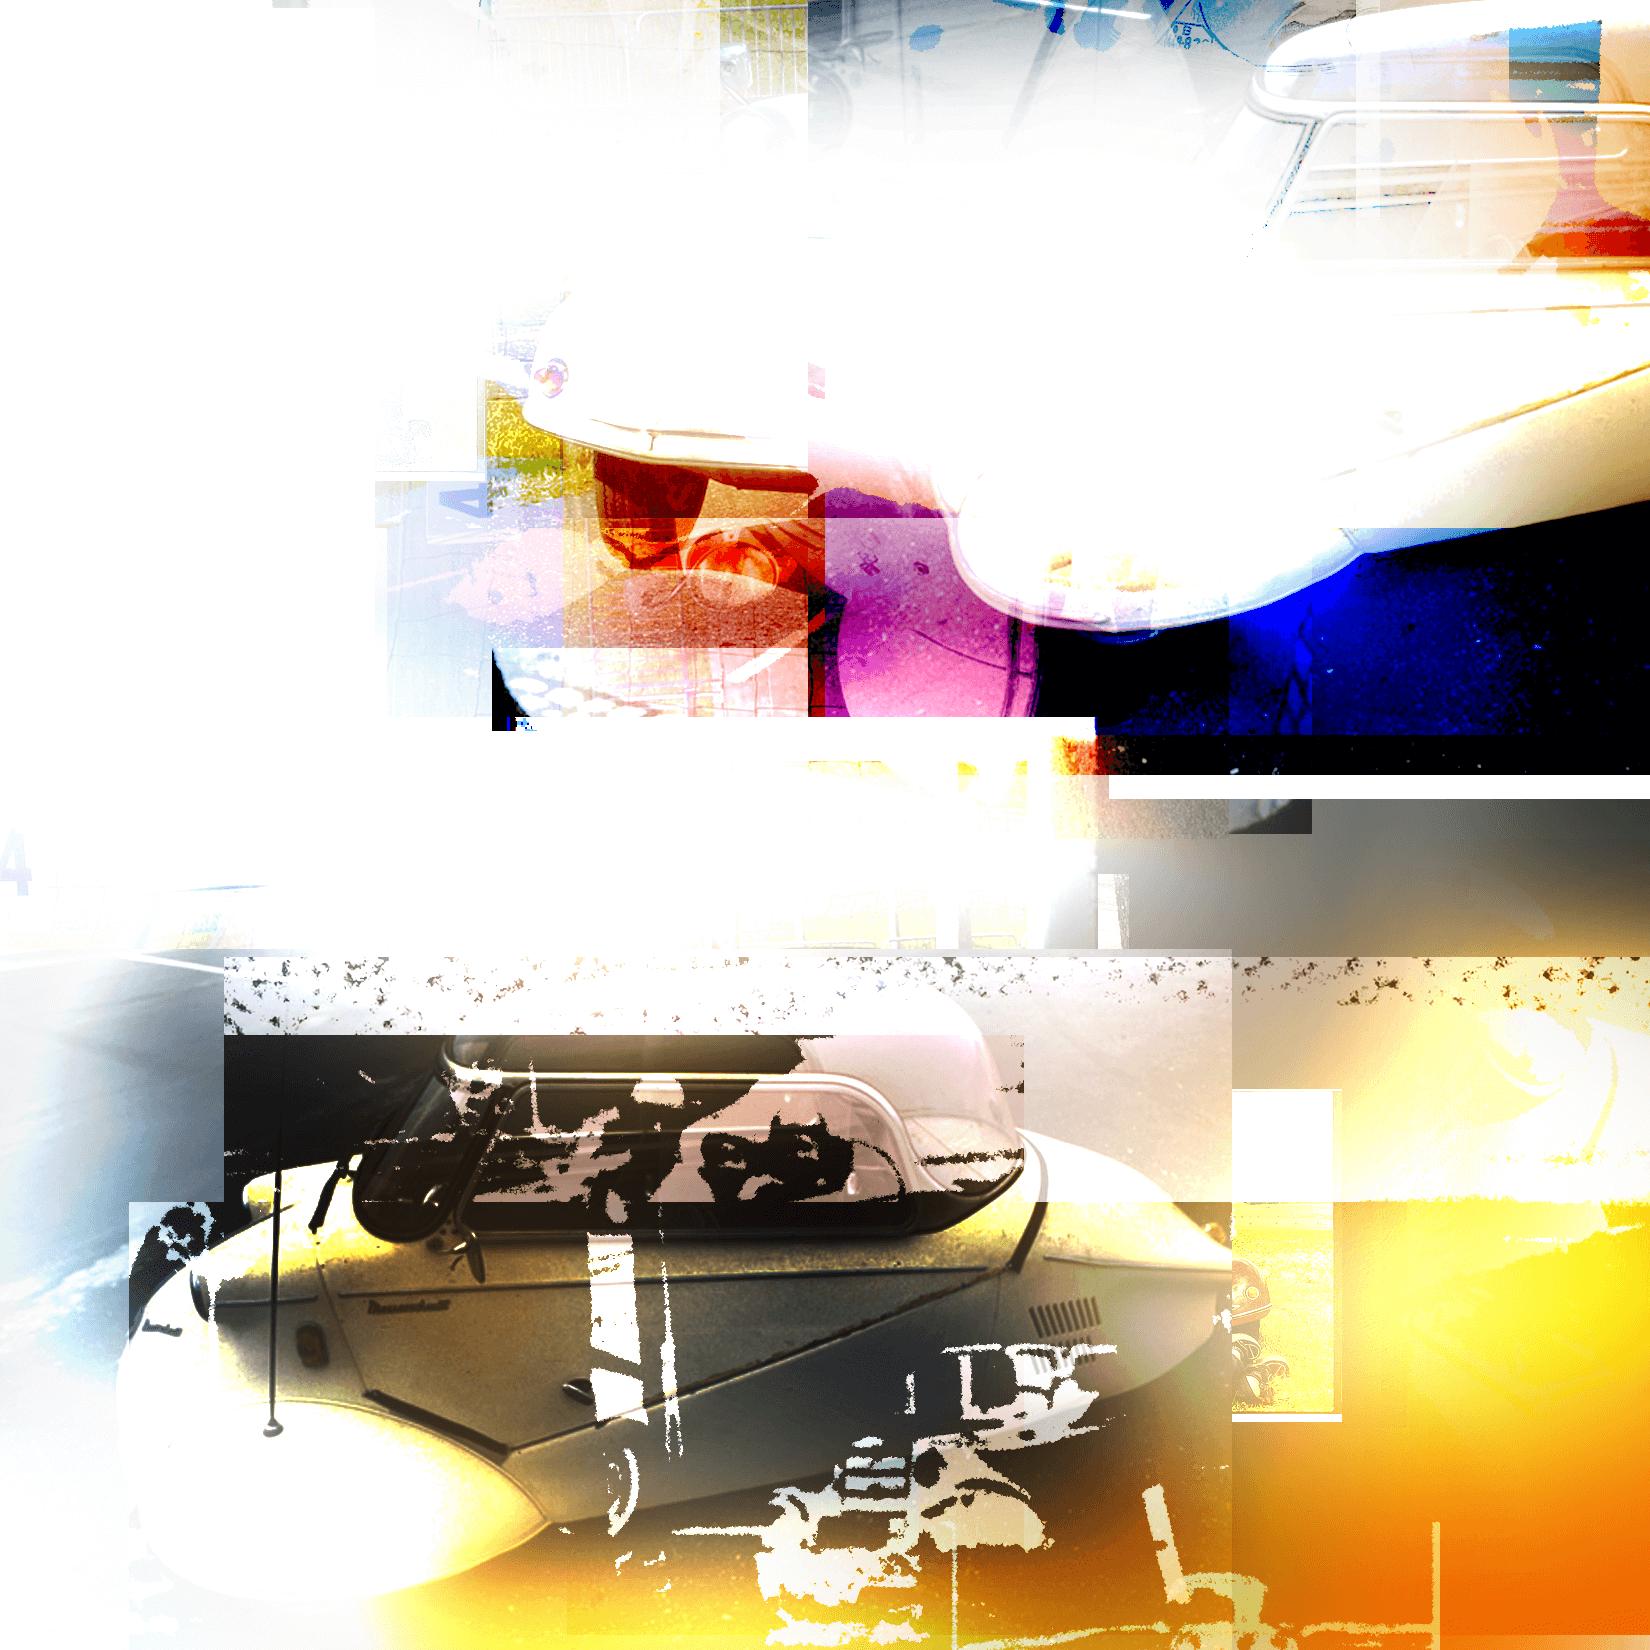 07.08.27 - Messerschmitt